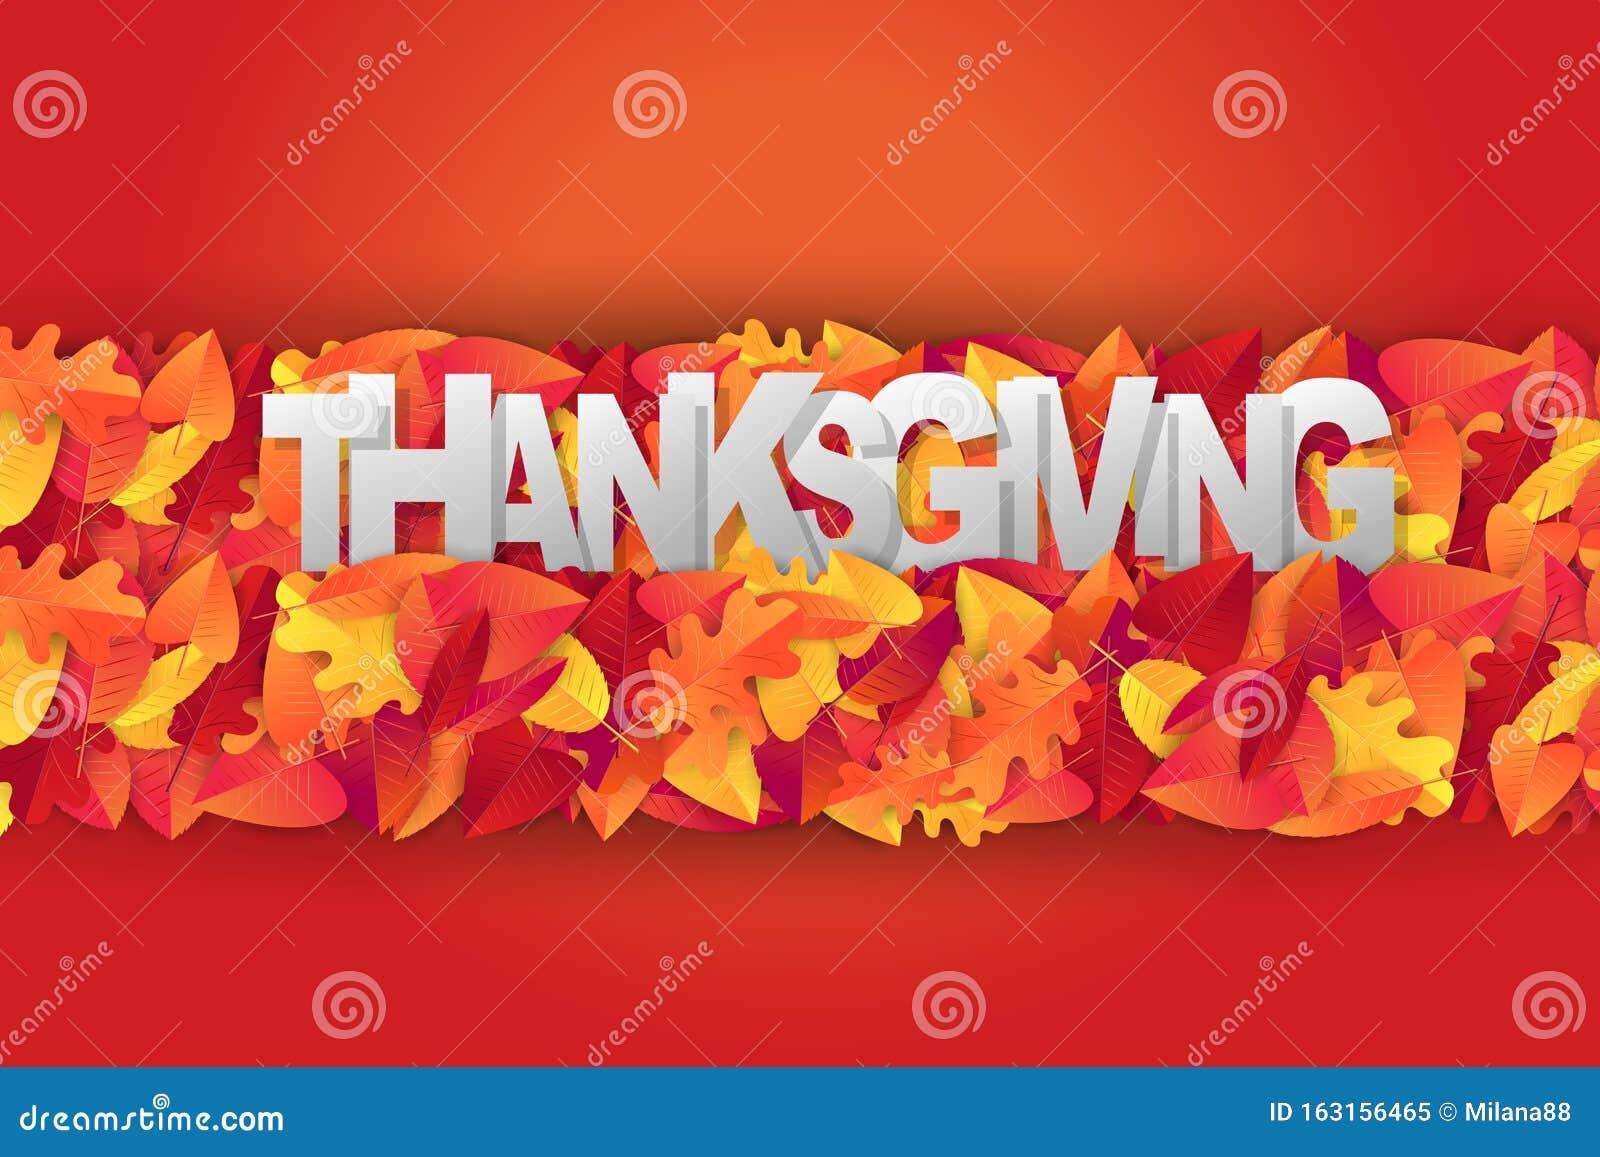 Happy Thanksgiving Dekorationsgrafiken Mit Fallblattern Saisonale Veranstaltungsgestaltung Fur Einladung Oder Werbung Realis Vektor Abbildung Illustration Von Hintergrund Partei 163156465